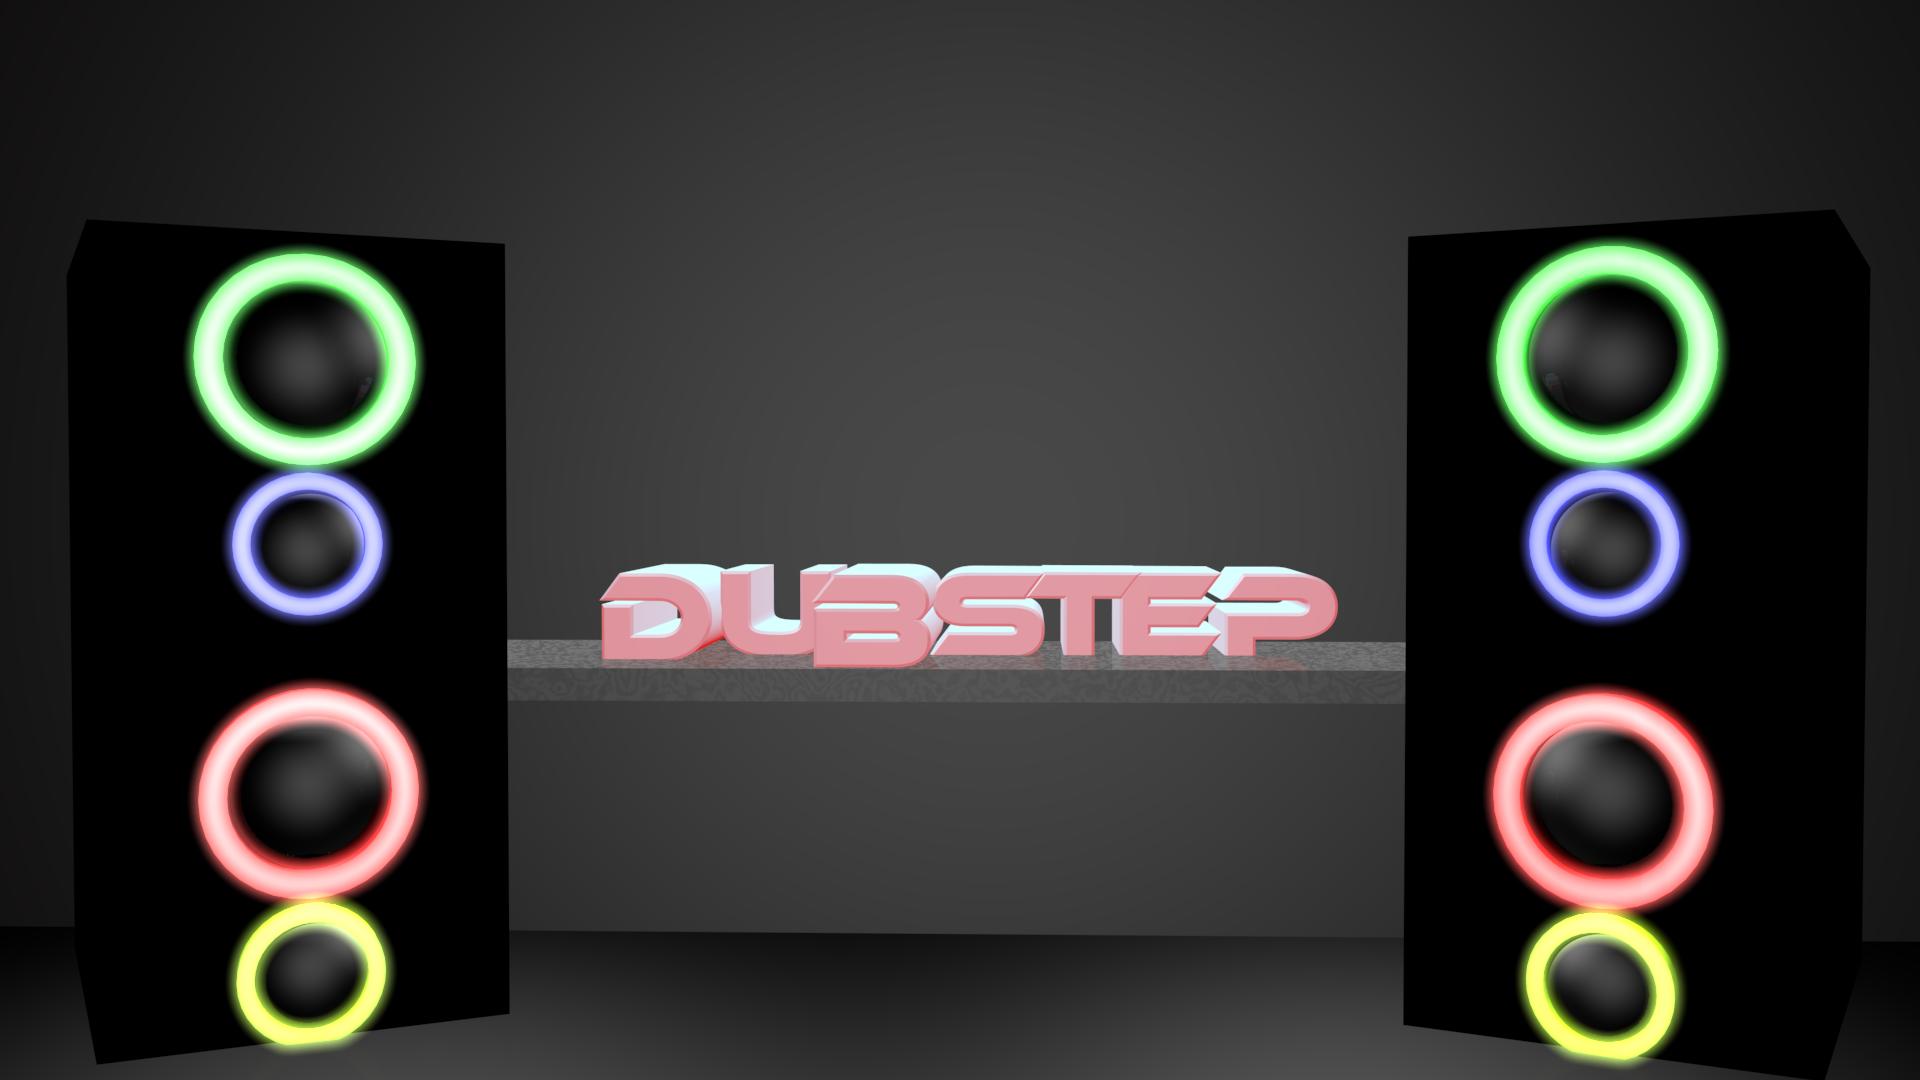 Dubstep Speaker Wallpaper | www.imgkid.com - The Image Kid ...